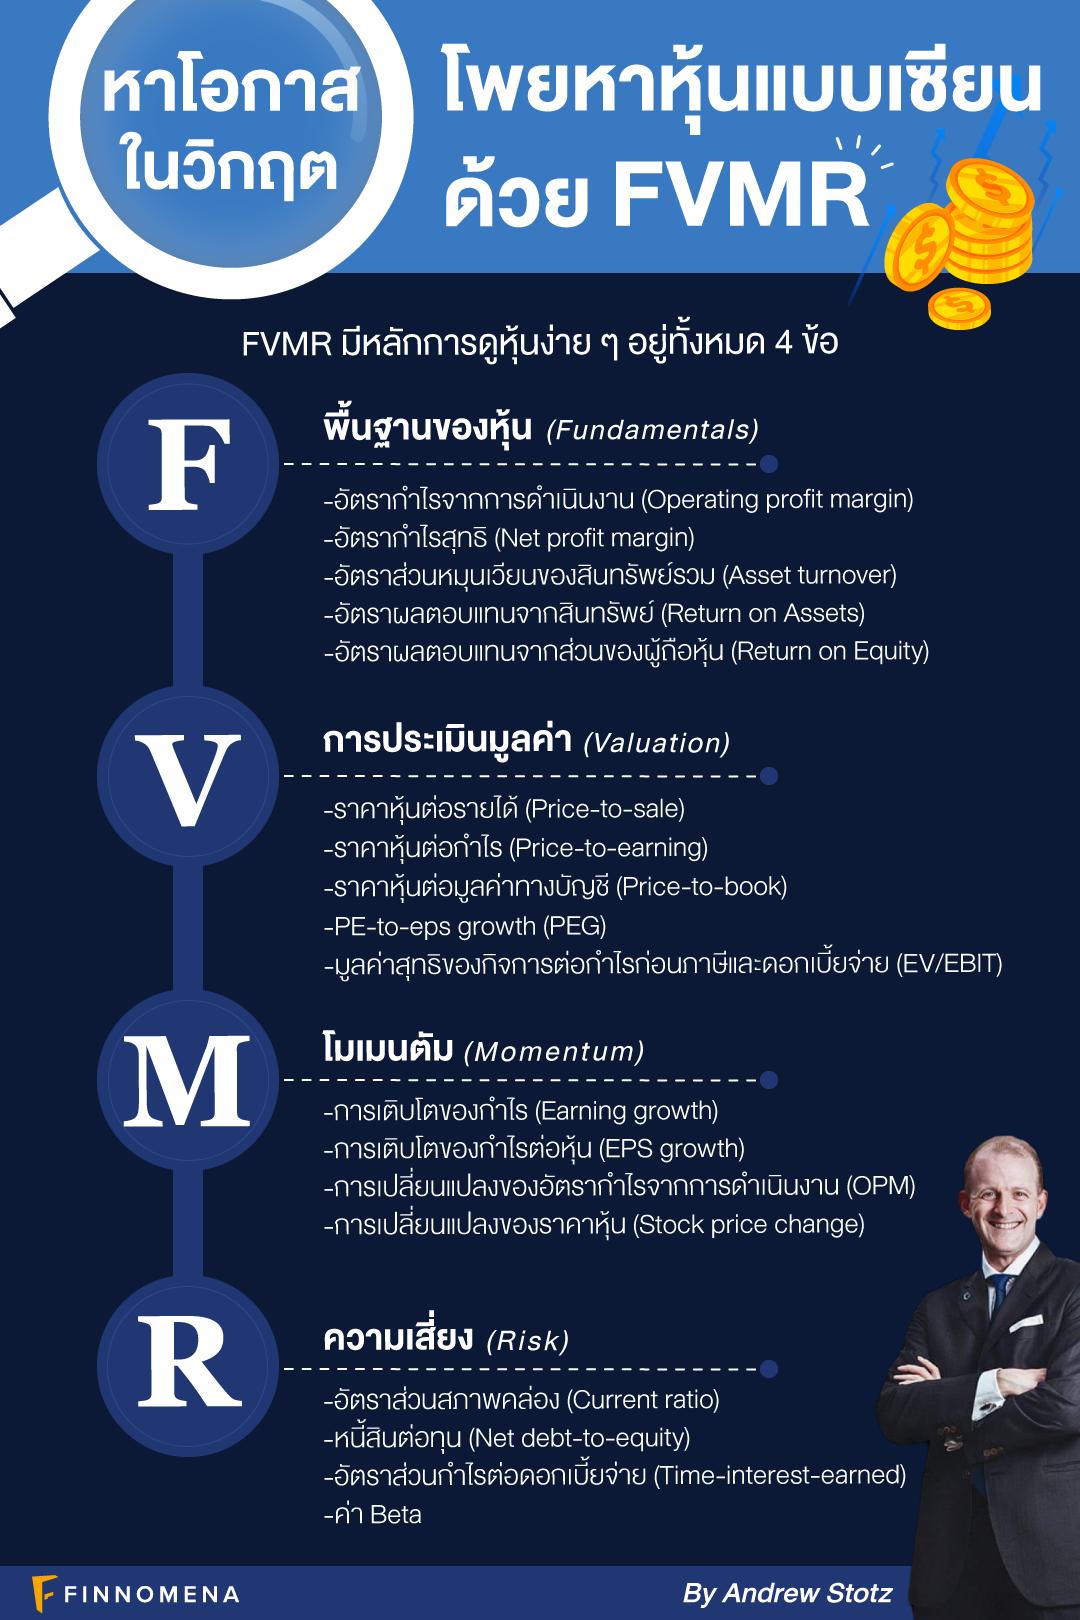 หาโอกาสในวิกฤต หาหุ้นแบบเซียนด้วย FVMR